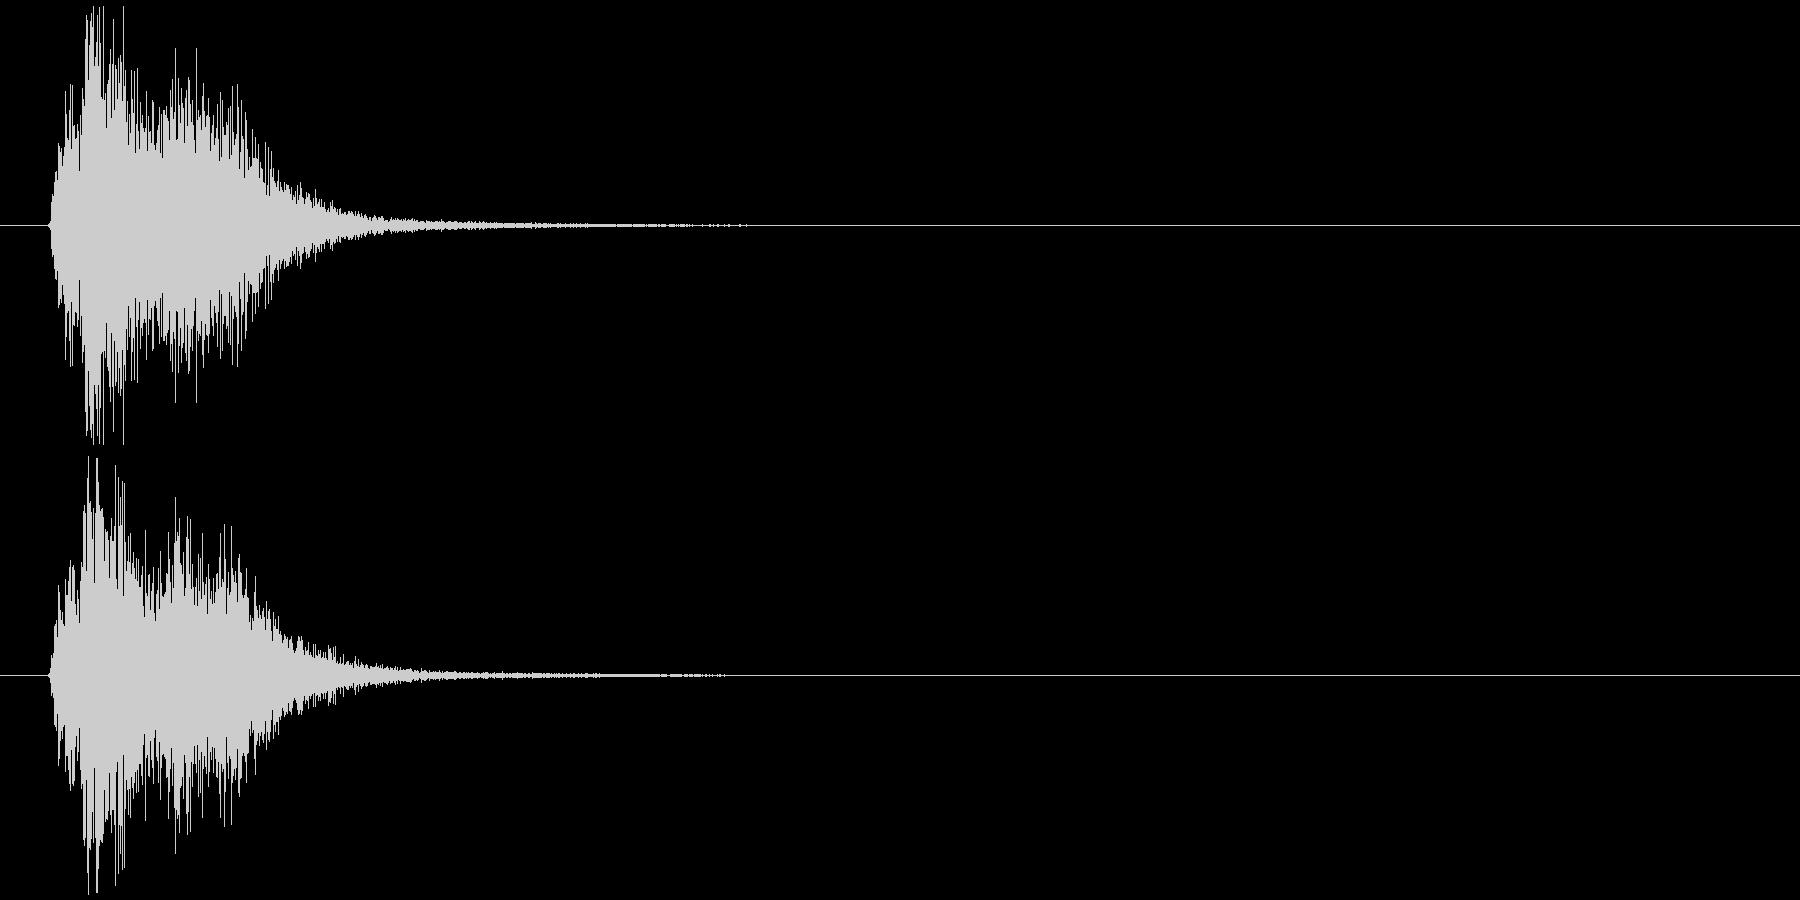 効果音(C)の未再生の波形